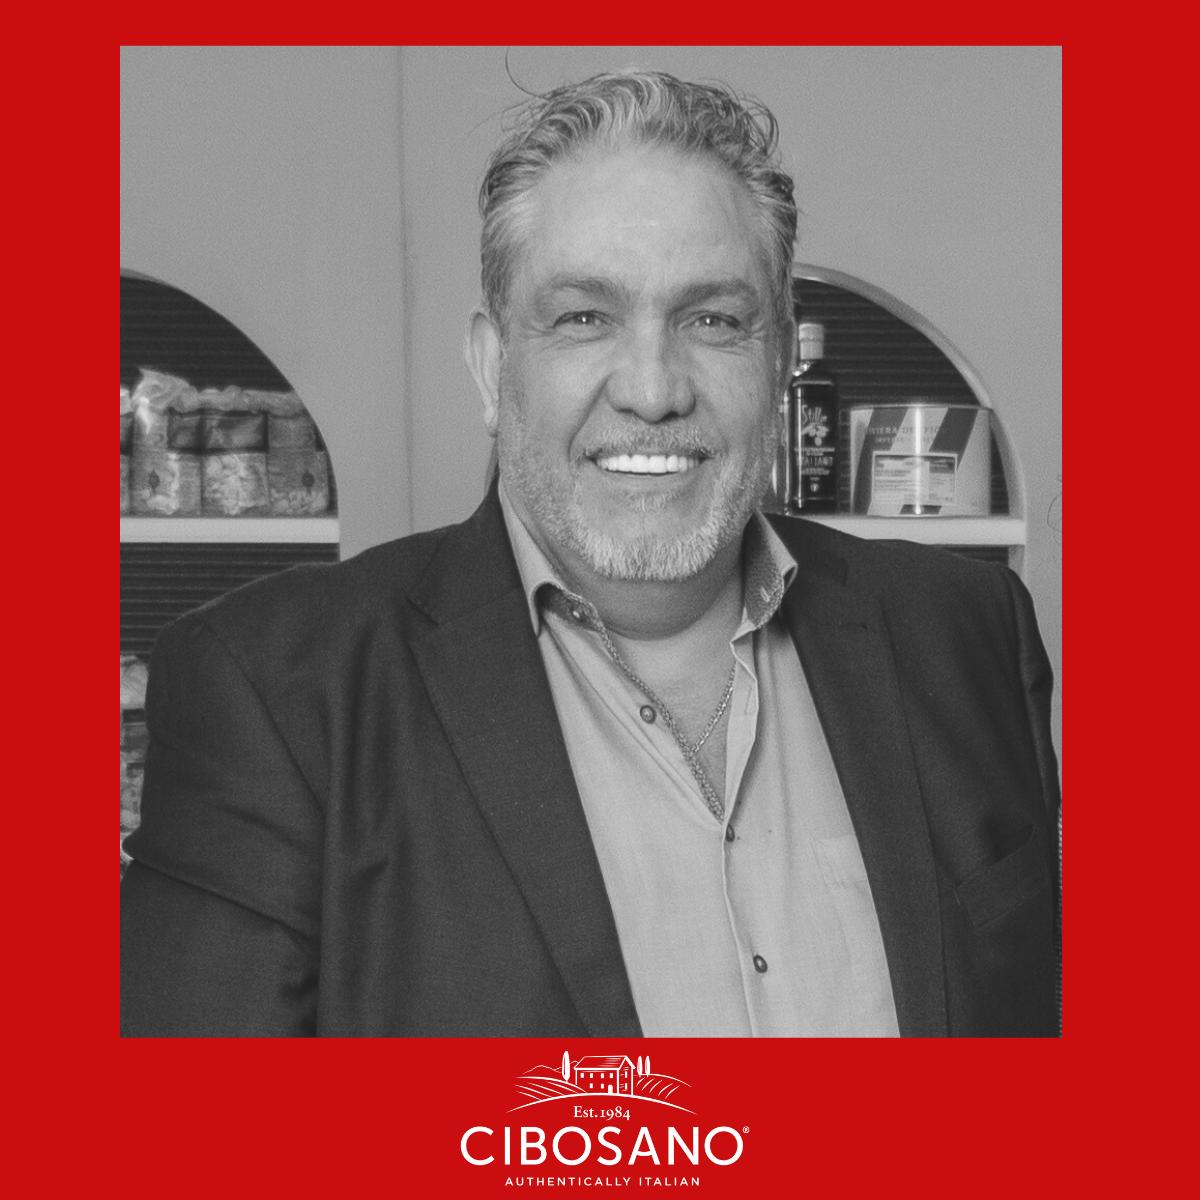 meet our team - CEO